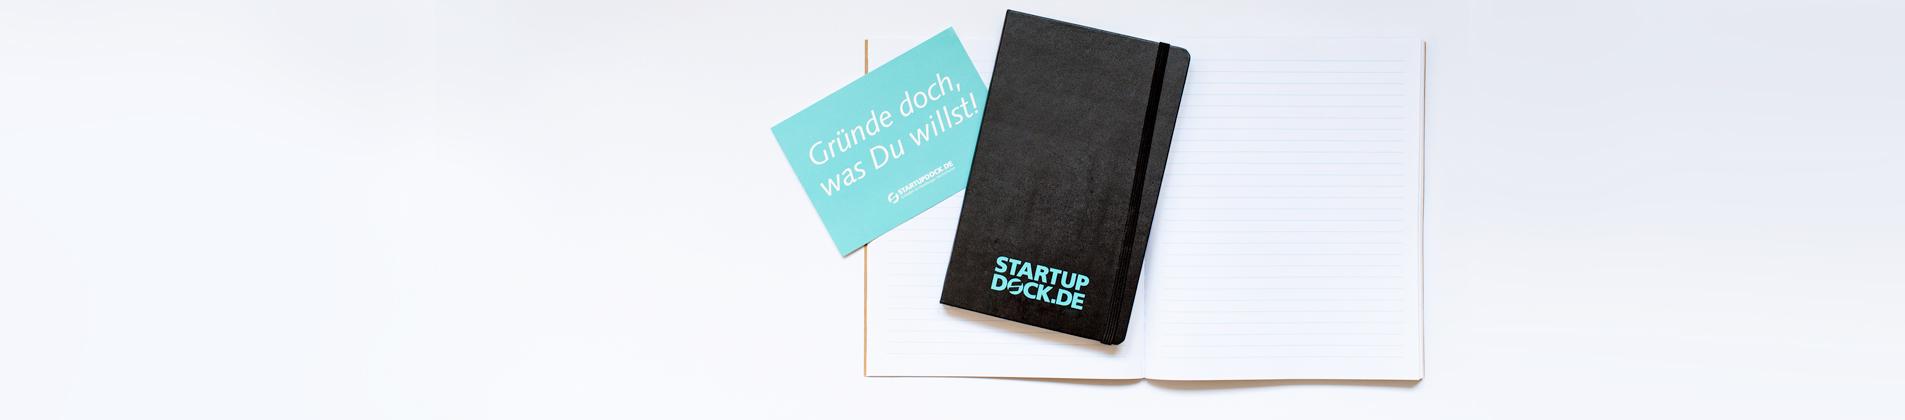 Startup Dock Kalender